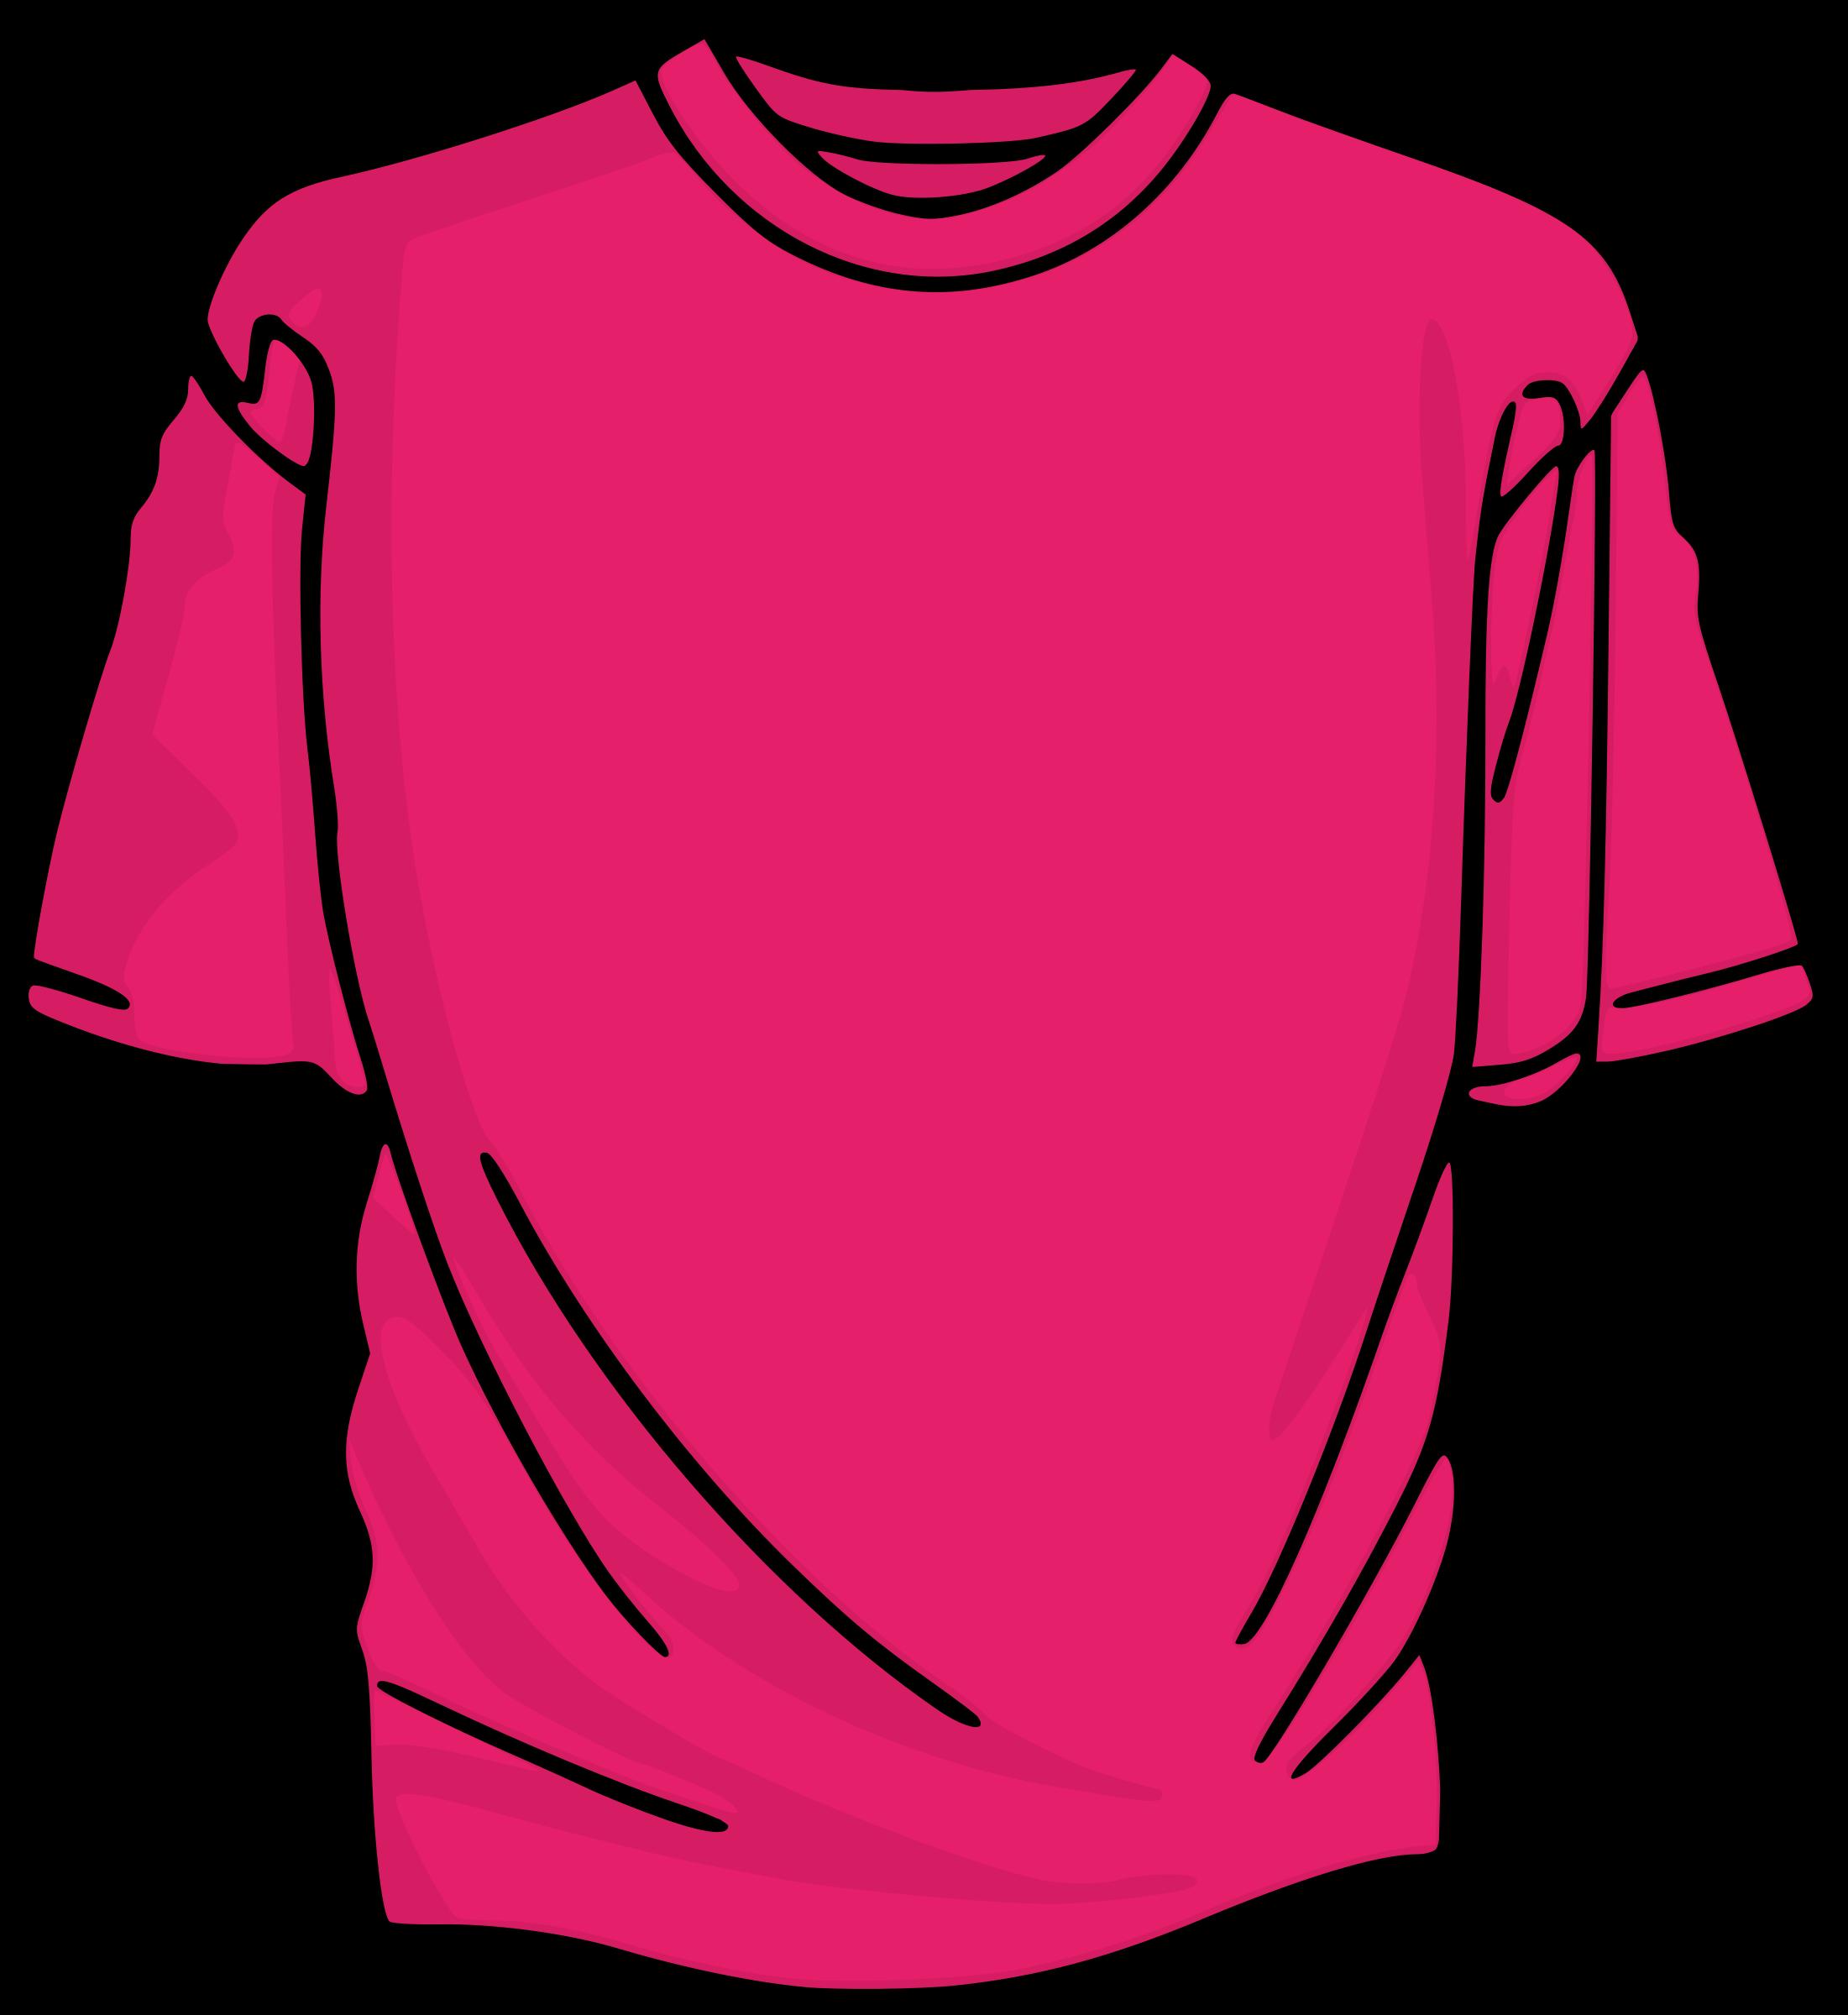 T-shirt free shirt clip art .